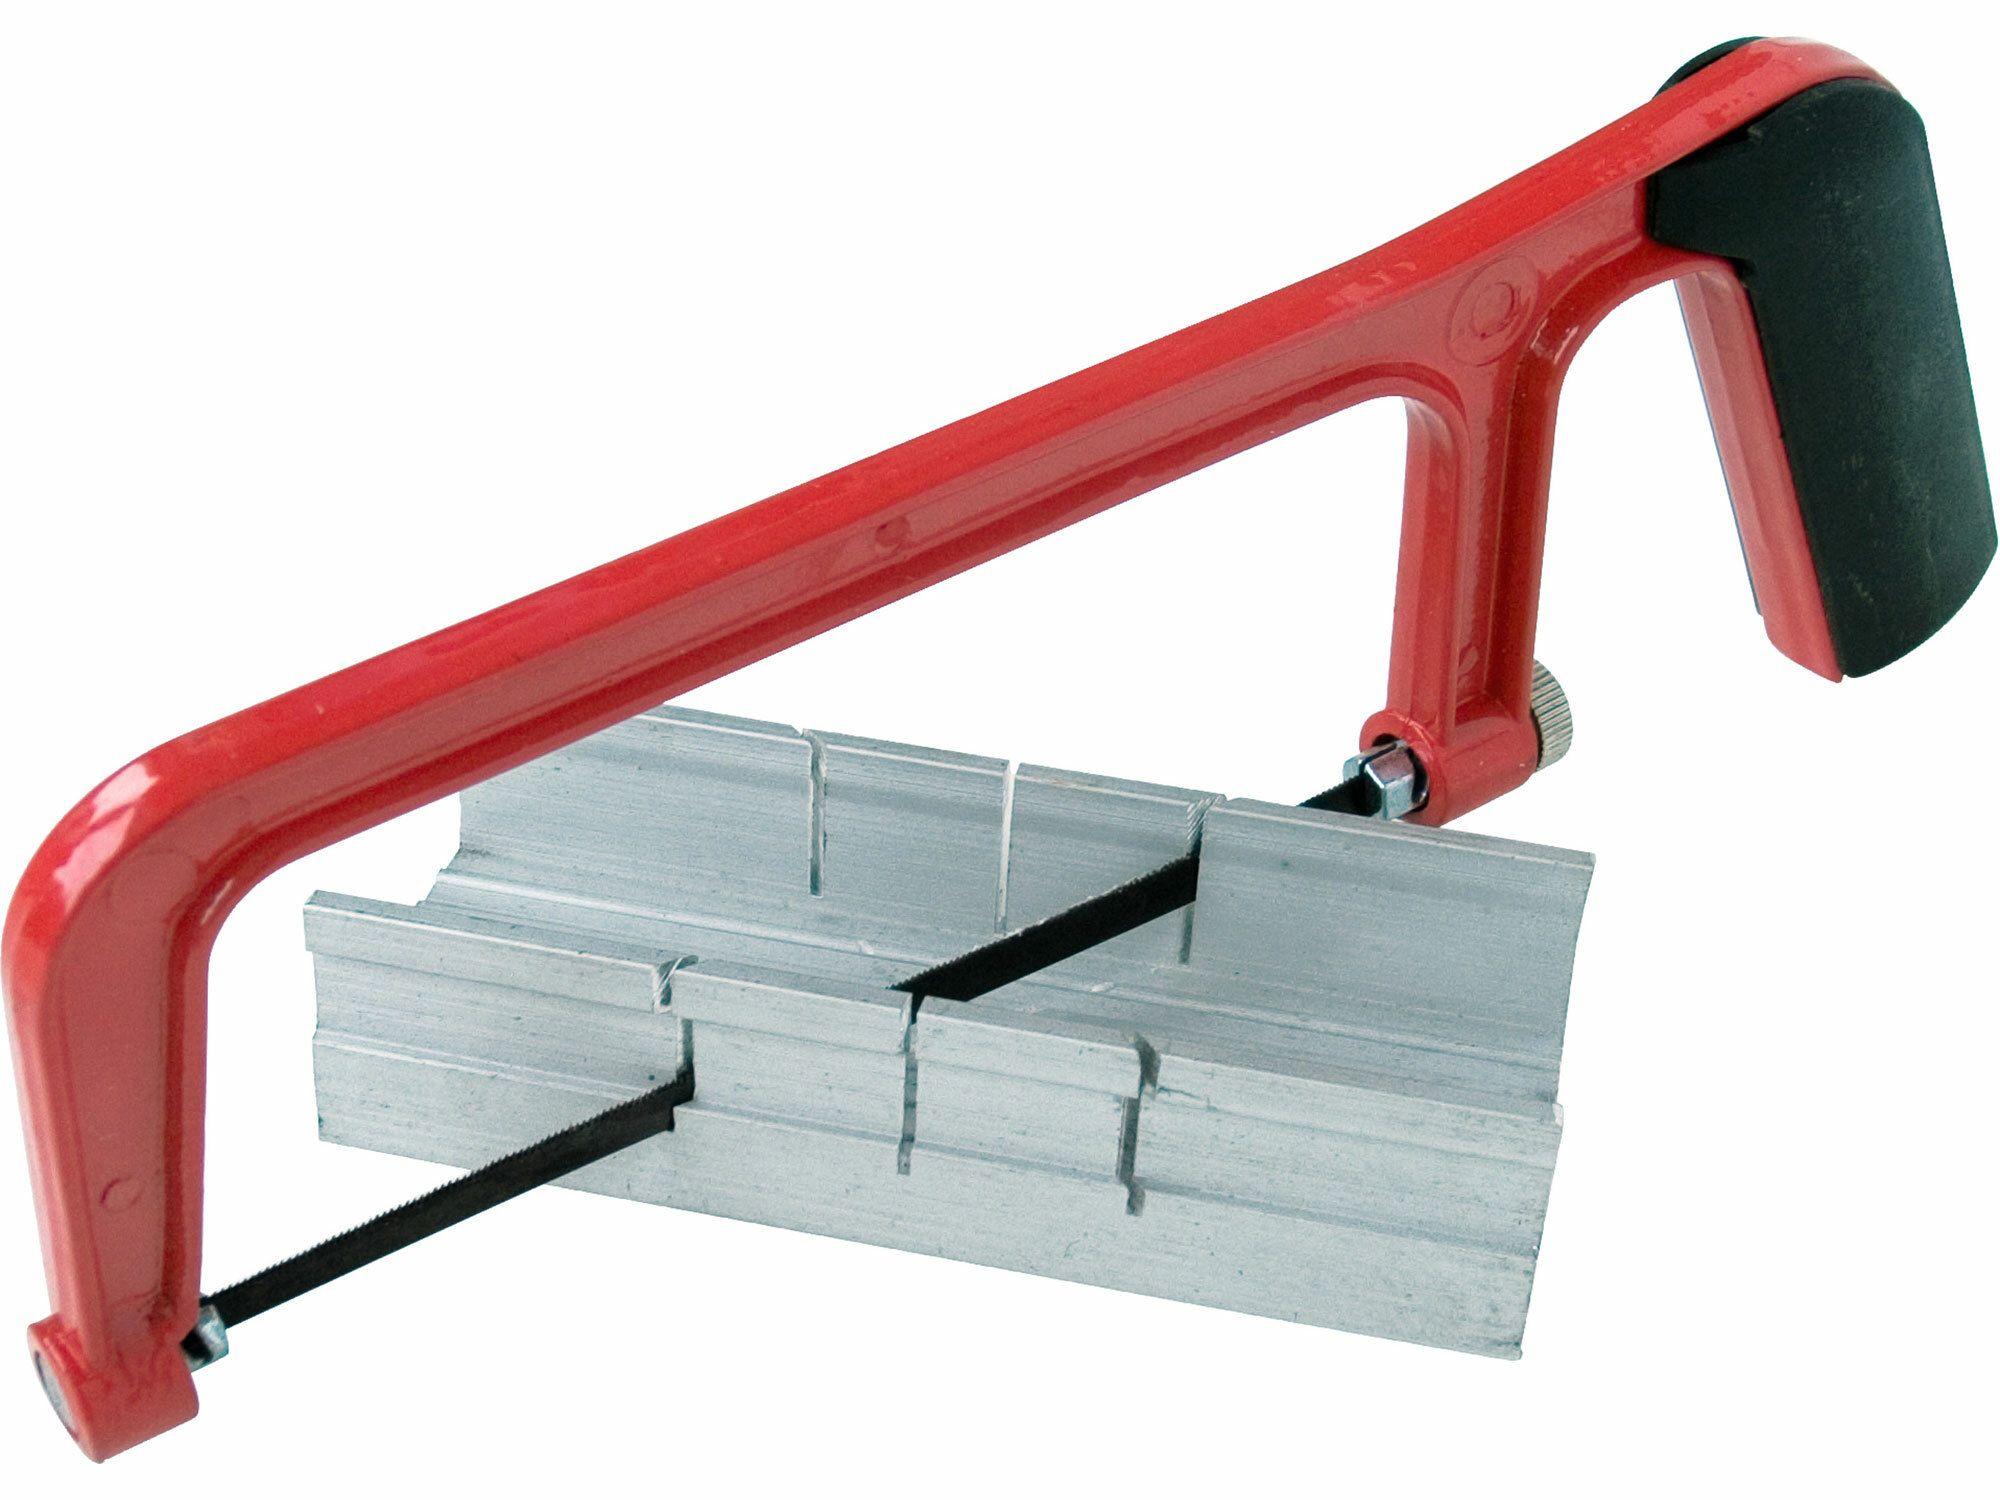 Přípravek na řezání úhlů s pilou, 135mm, hliníkový přípravek 135x47x23mm, EXTOL CRAFT